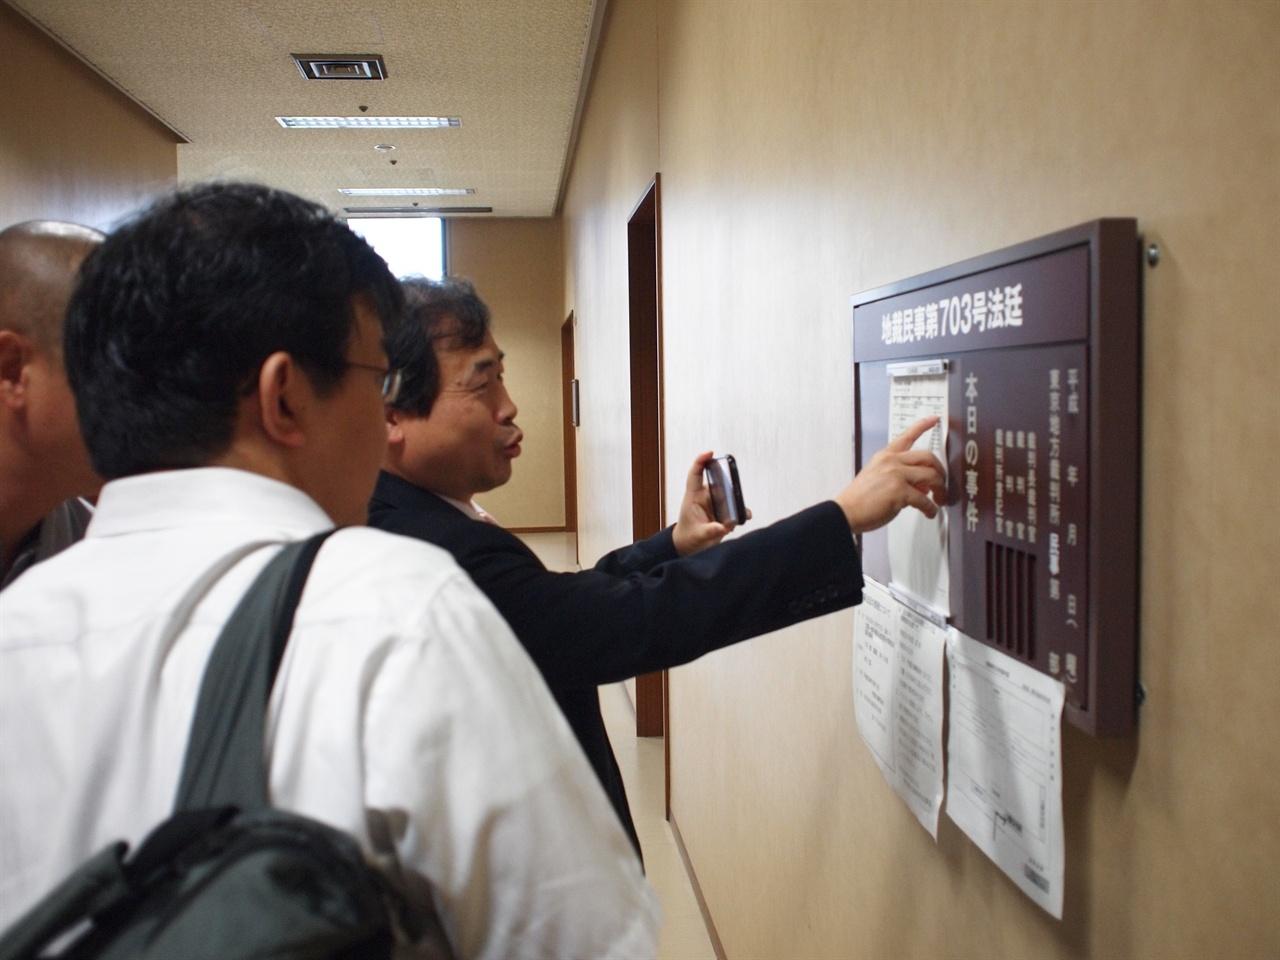 최봉태 변호사 2012년 10월 11일, 판결직전 최봉태변호사가 개정표에 있는 사건명을 가리키고 있다.